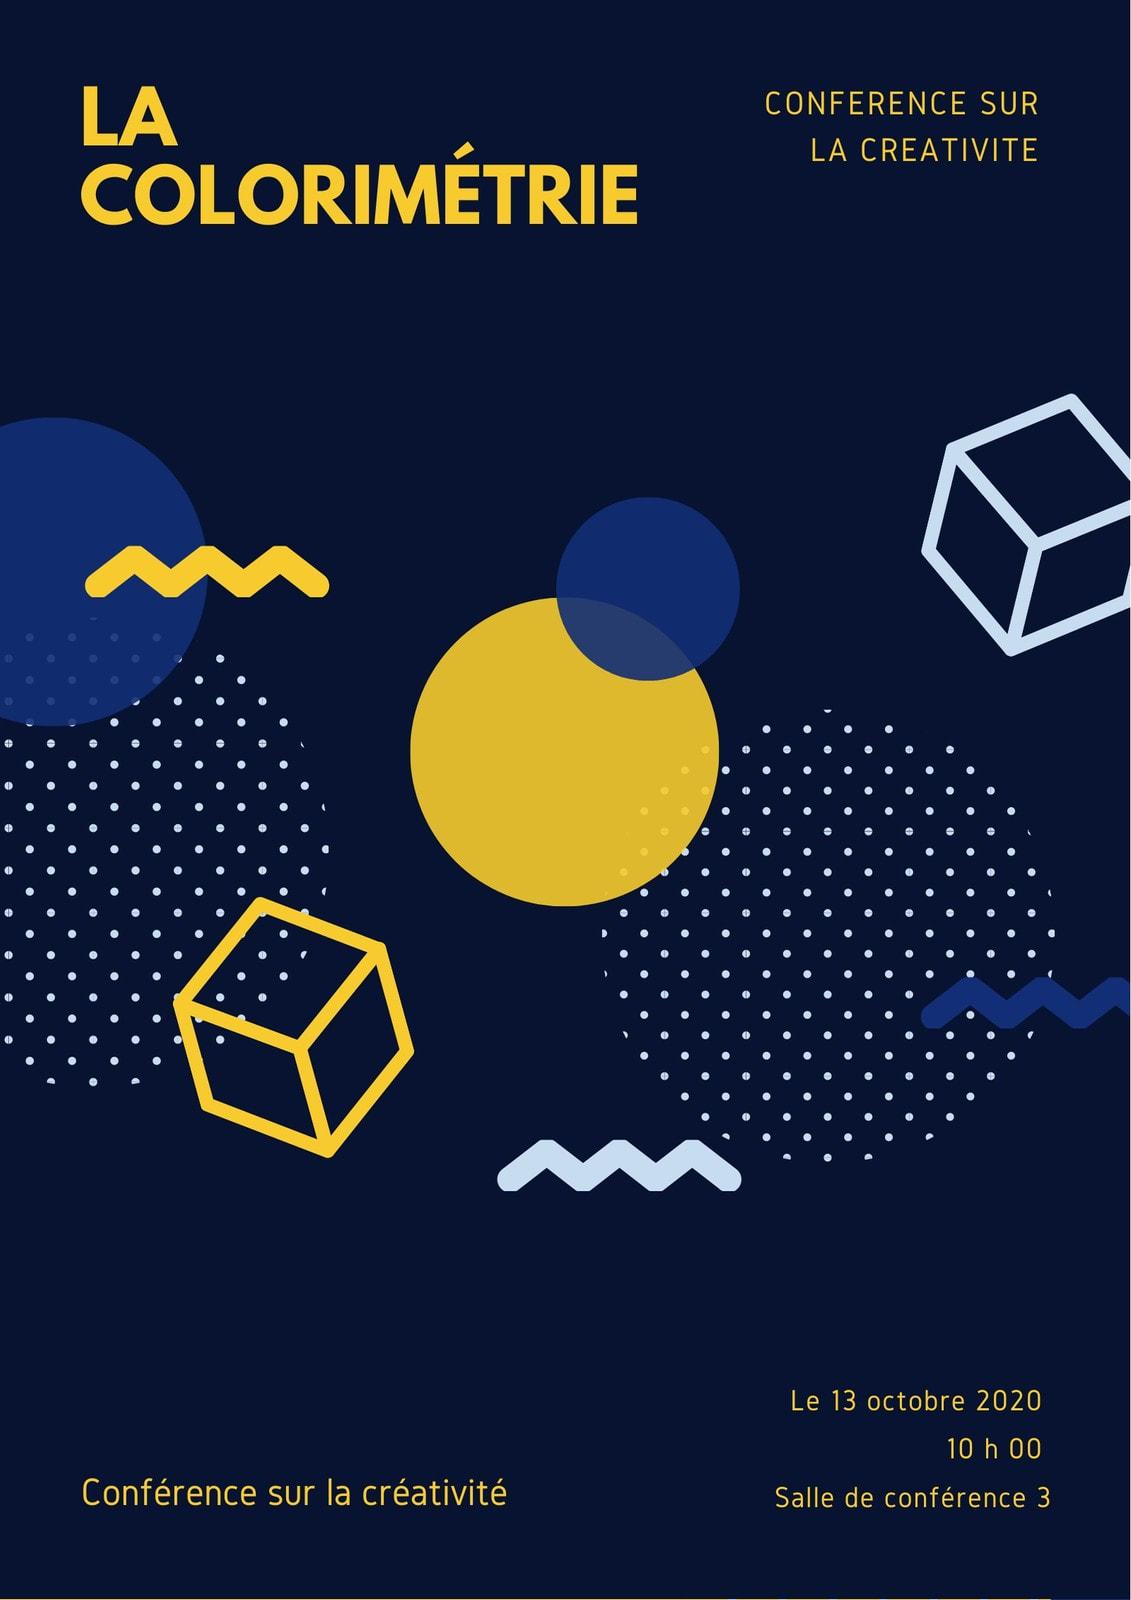 Fluo Géométrique Art Conférence Programme